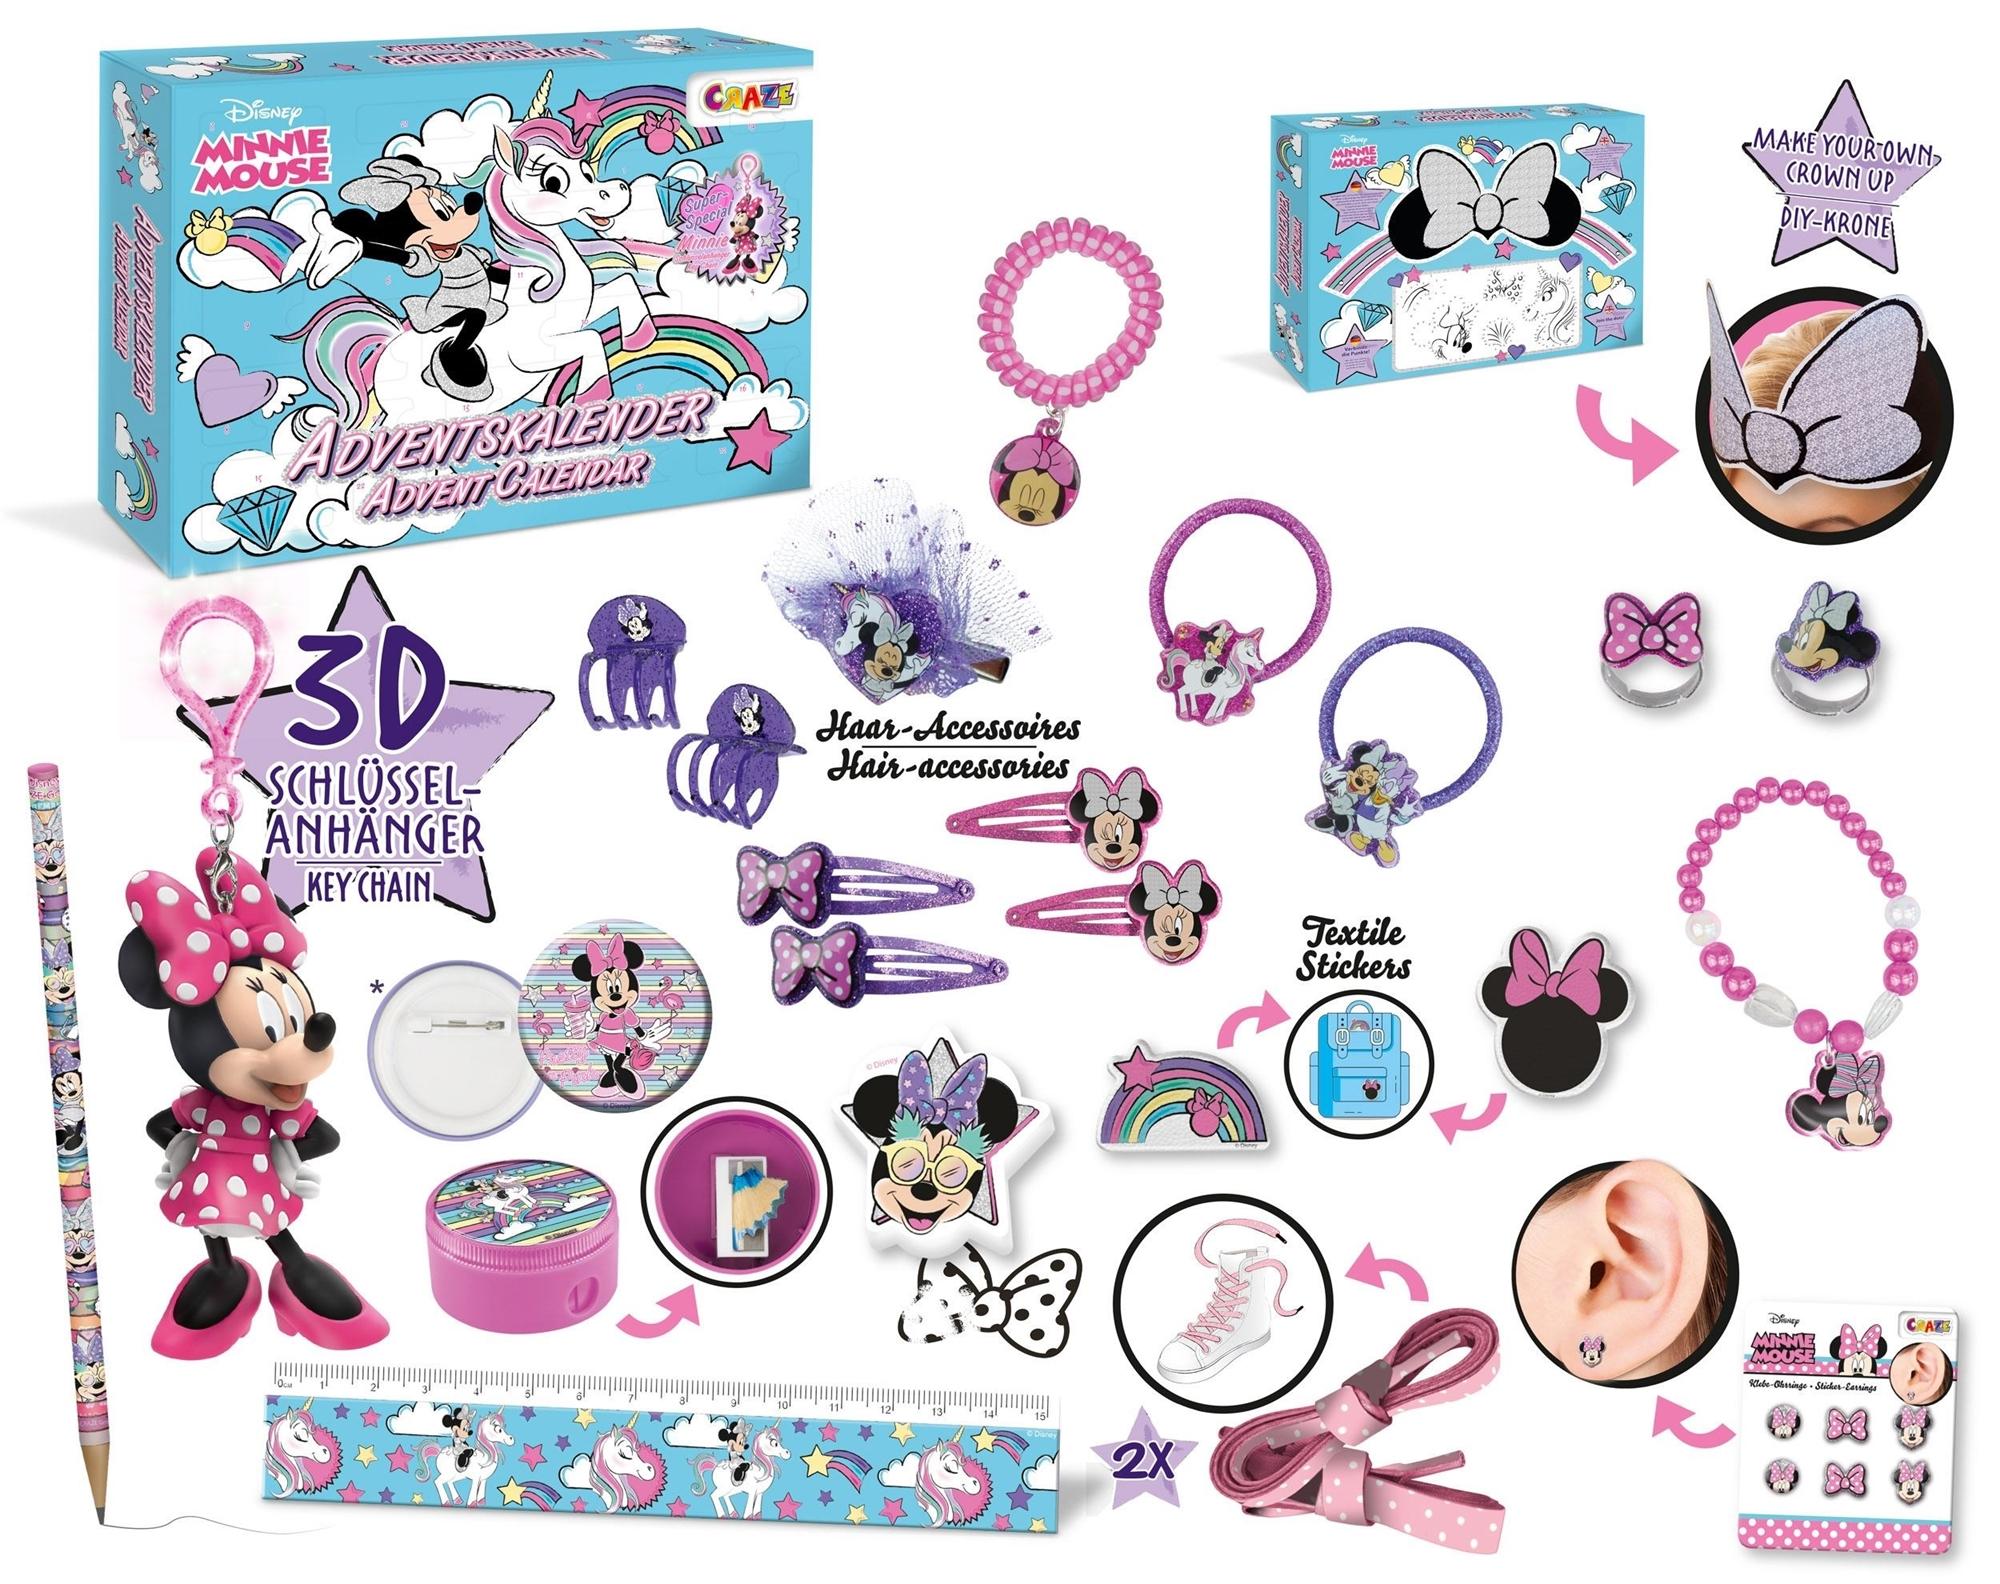 Minni Mouse julekalender 2021 - Disney julekalender 2021